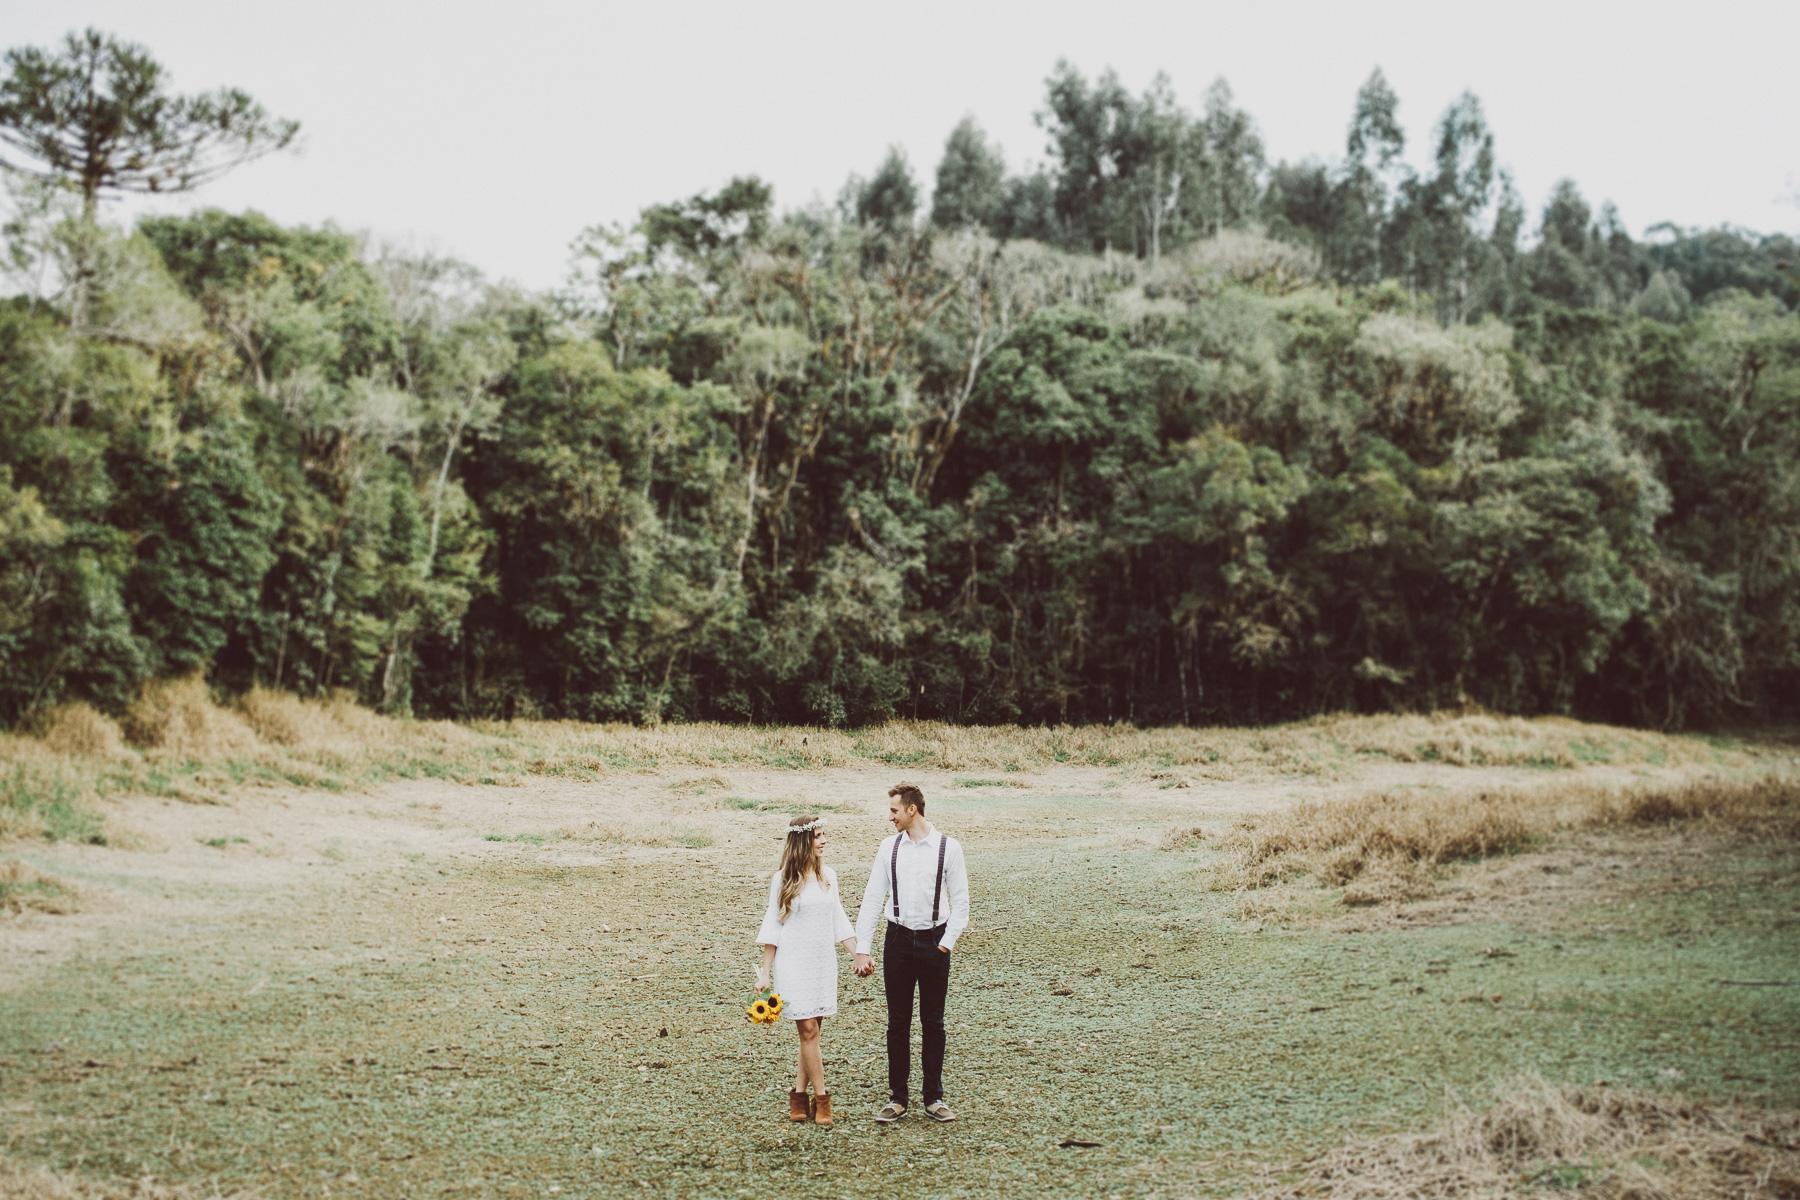 nandohellmann-fotografo-de-casamento-brusque-guabiruba-sc-fotos-ensiao-rio-dos-cedros-pre-wedding-ca